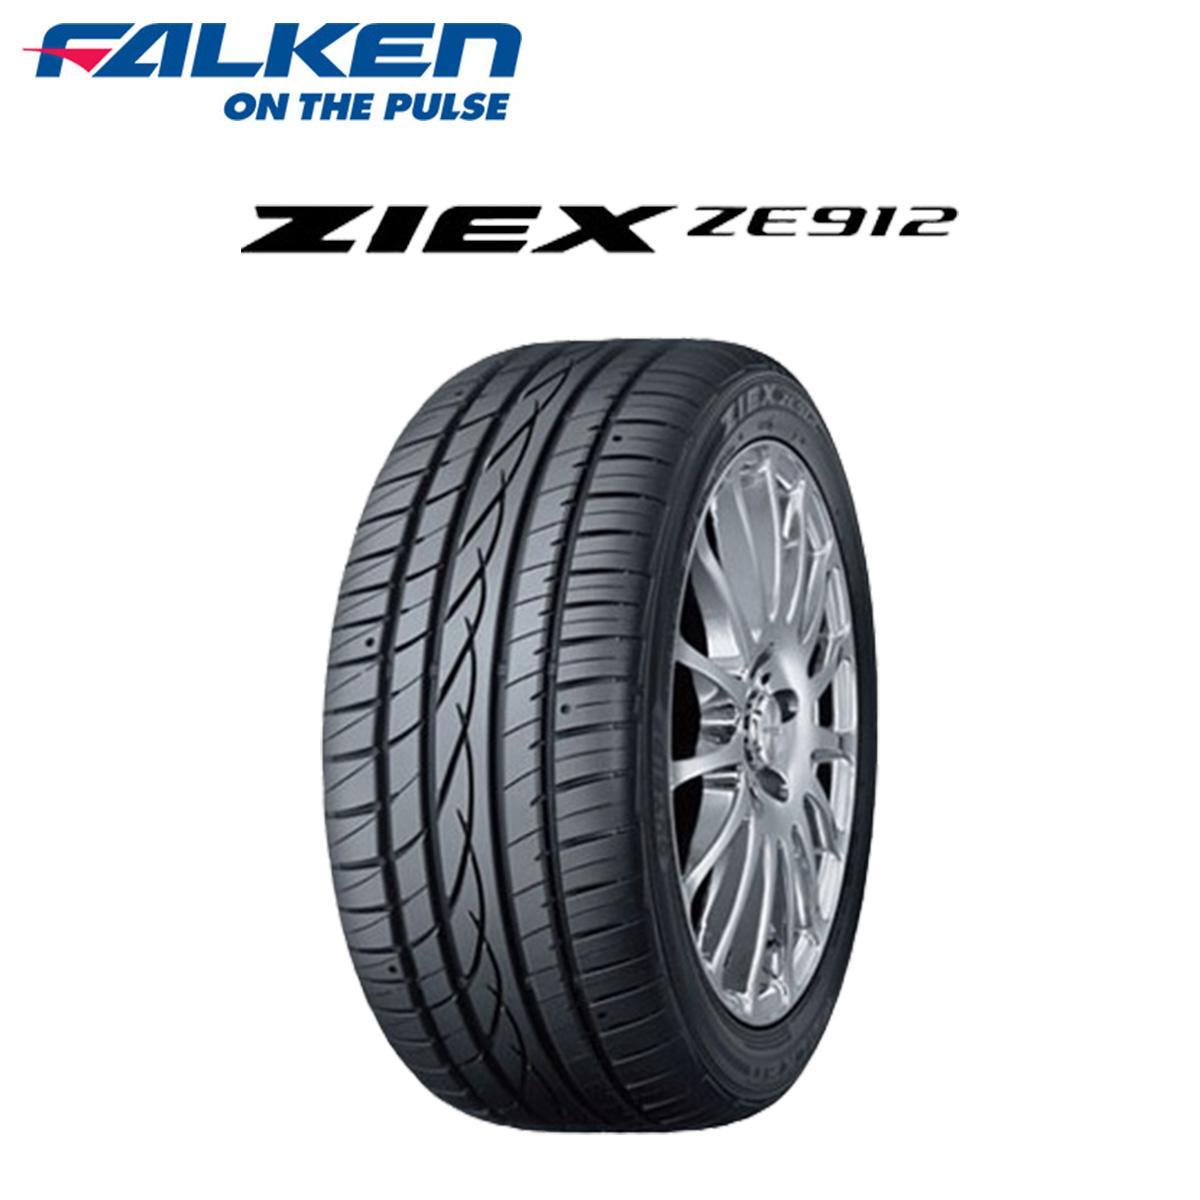 FALKEN ファルケン 低燃費 サマータイヤ 4本 セット 14インチ 175/65R14 ZIEX ZE912 ジークス